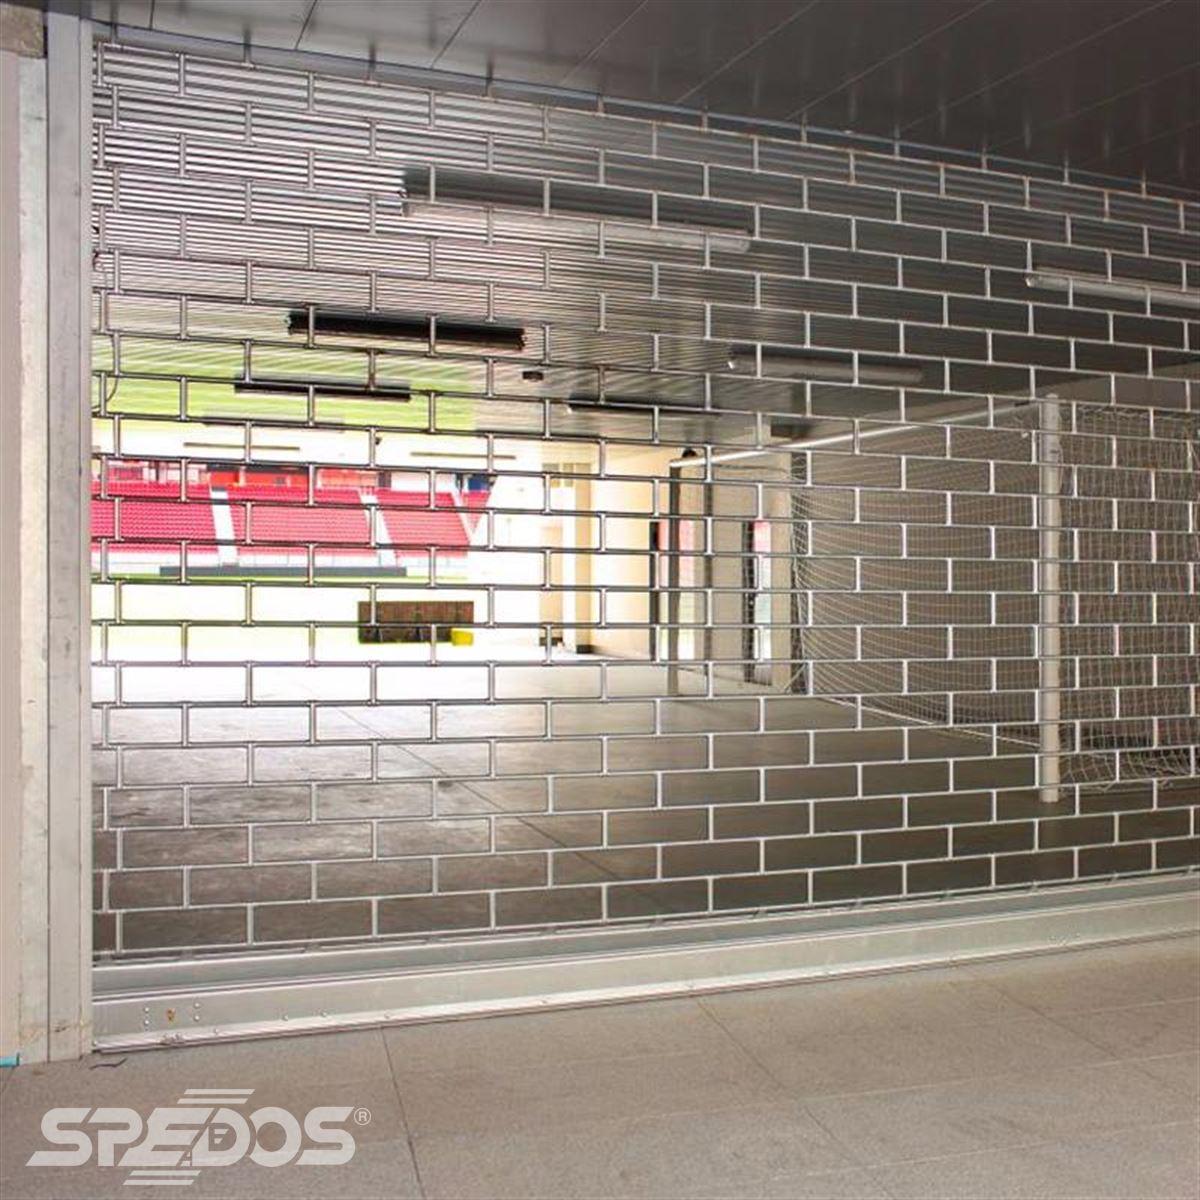 bezpečnostní rolovací mříže